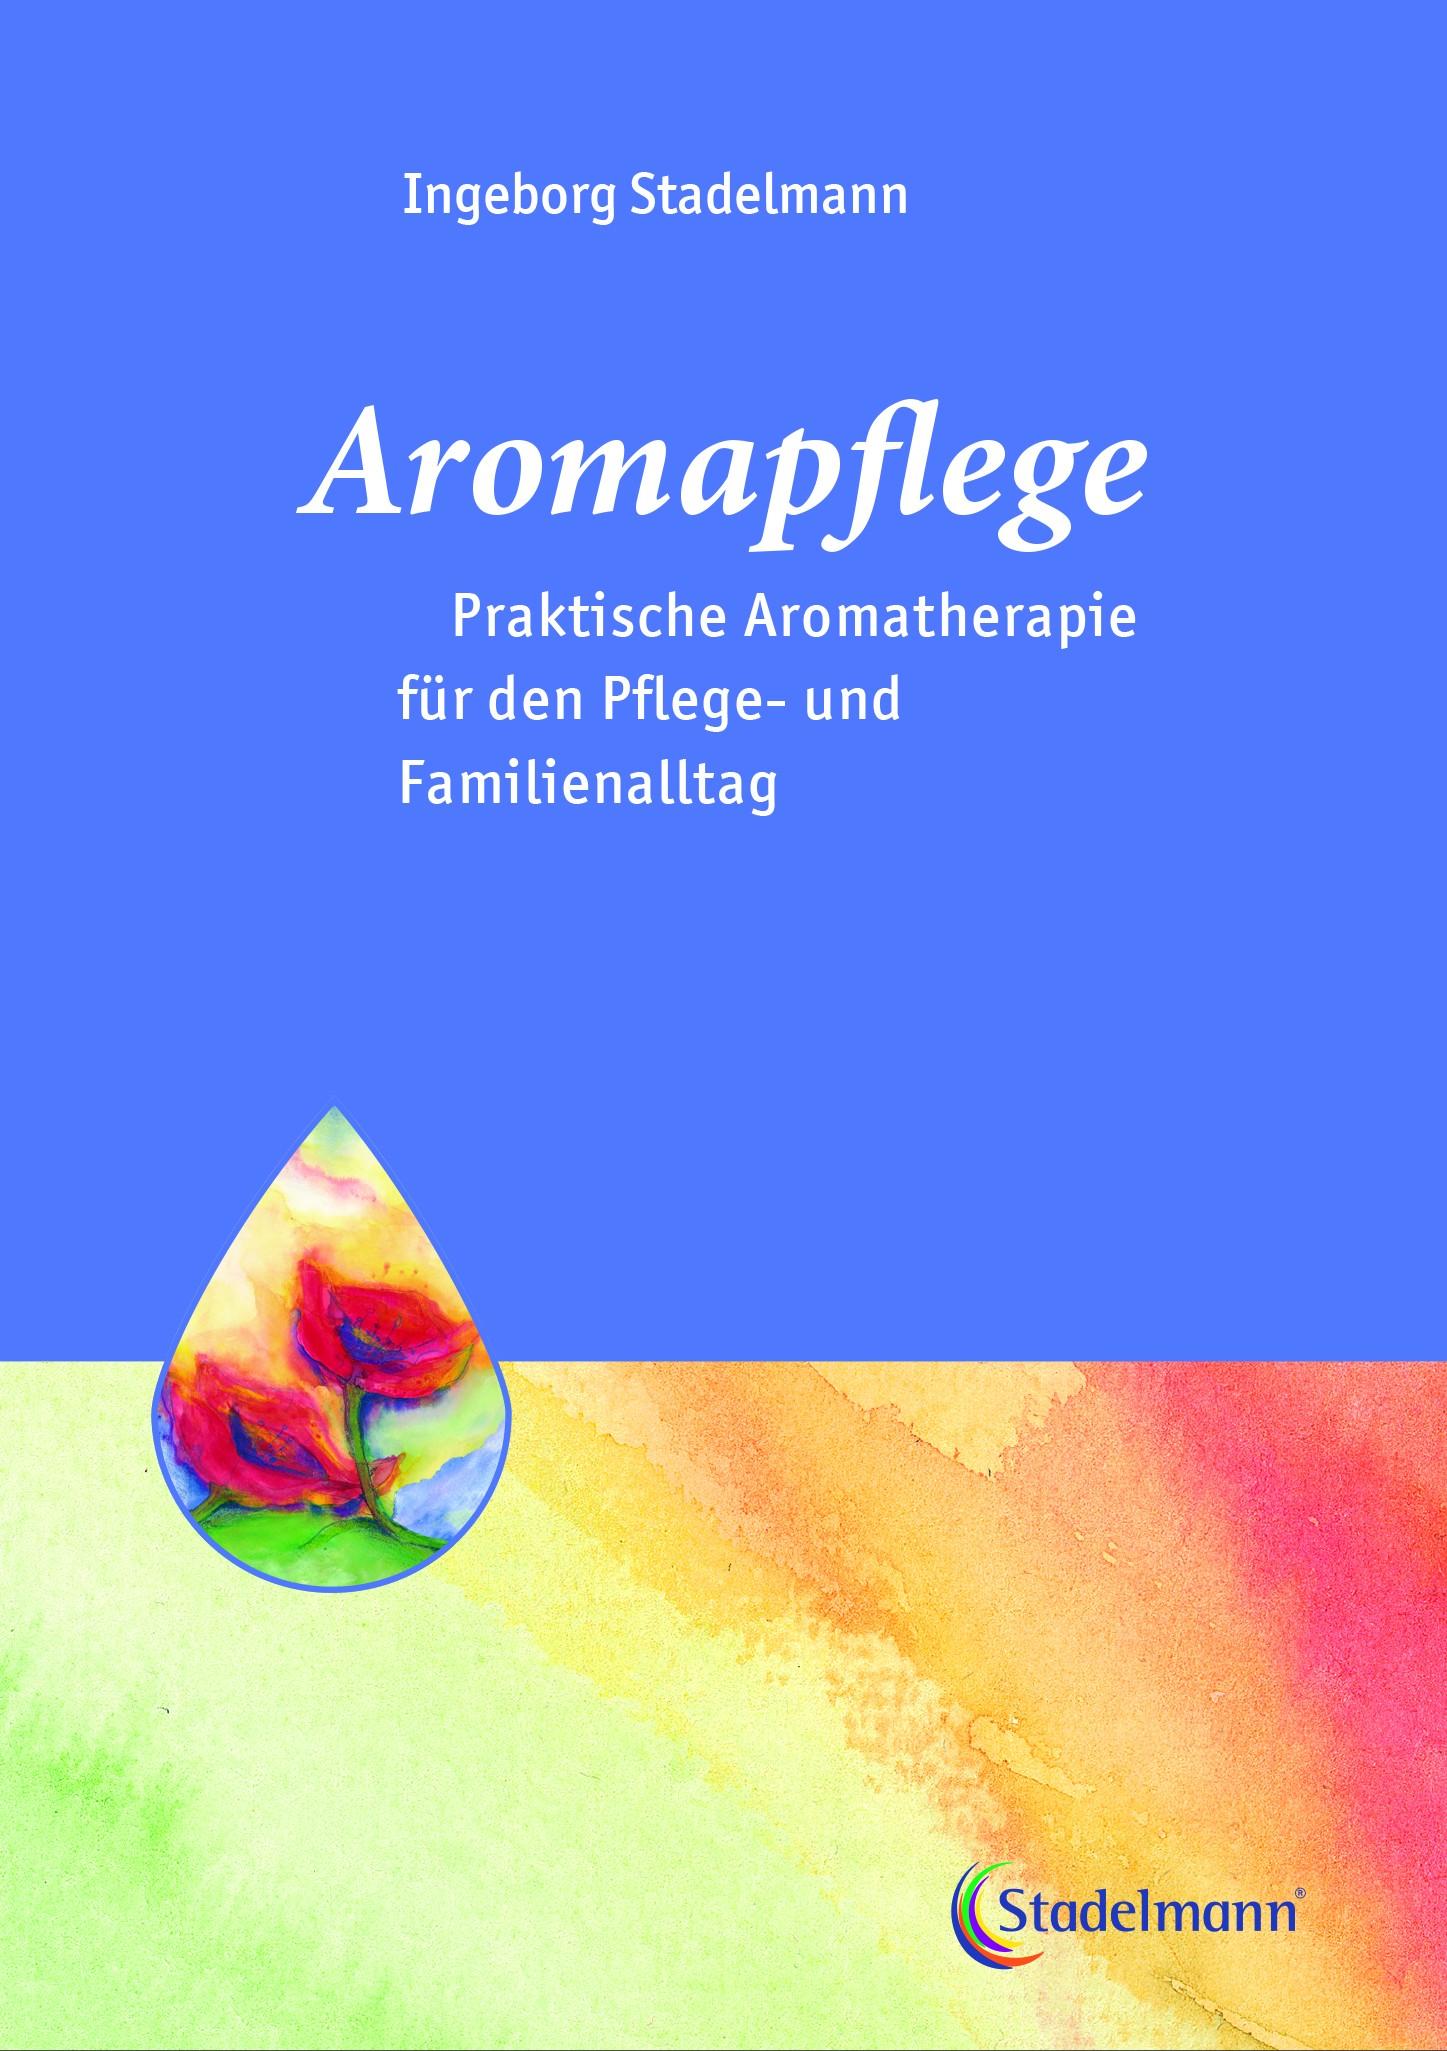 Aromapflege-Praktische Aromatherapie für den Pflegealltag